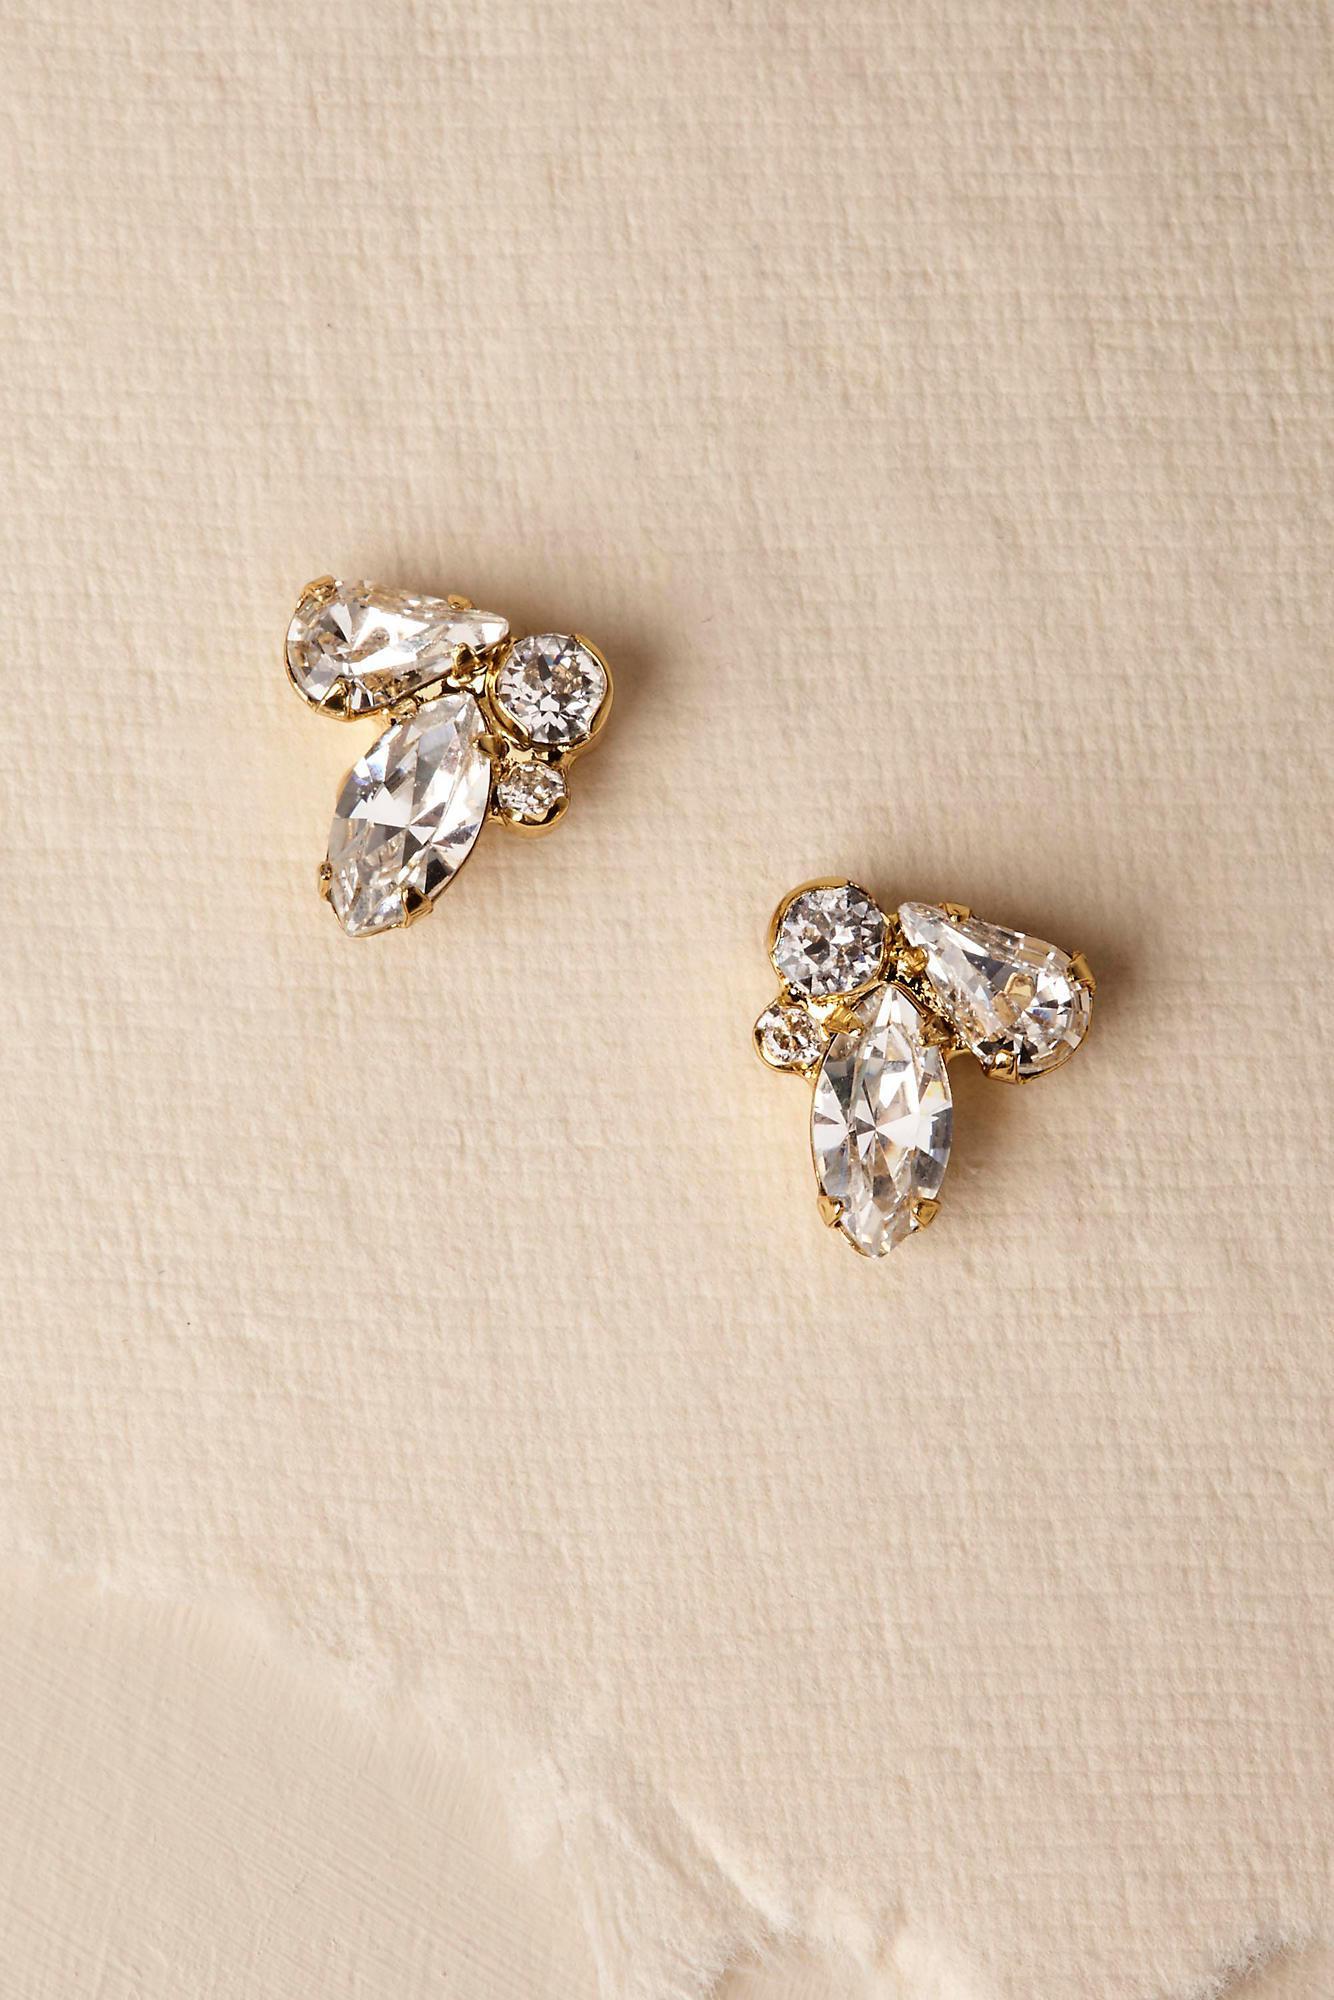 Anthropologie Pax Pearl Stud Earrings 5YPPH